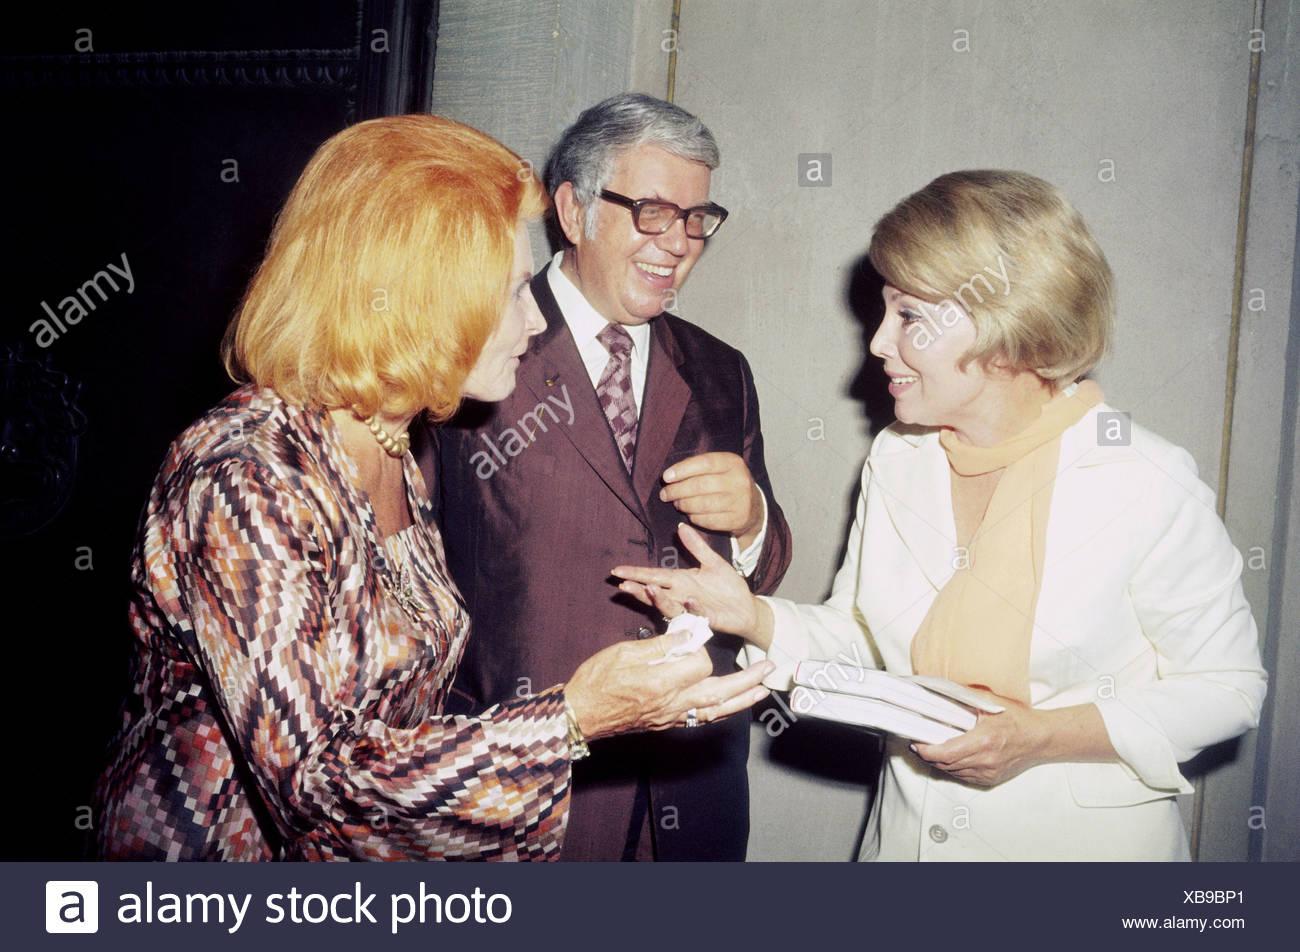 Kindler, Helmut, 3.12.1912 - 15.9.2008, l'éditeur allemand, avec sa femme Nina et Anneliese Rothenberger, lors de son introduction Photo Stock